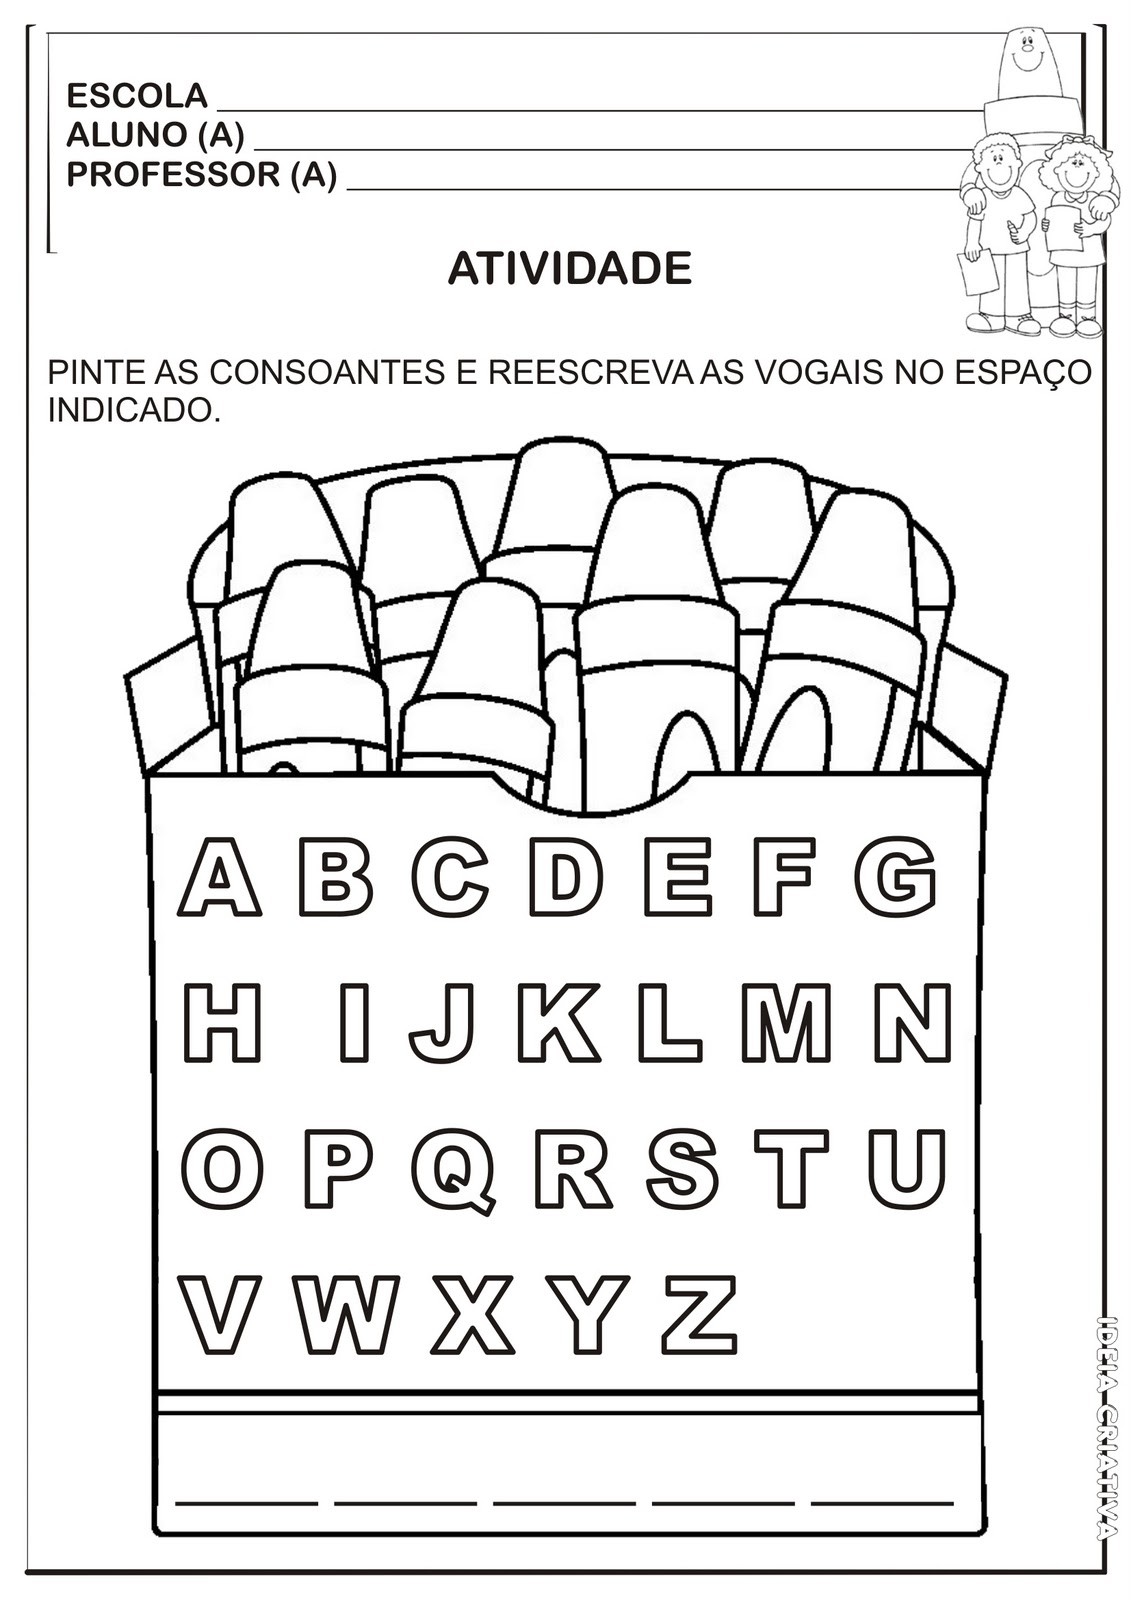 Top trocando idéias pedagógicas: SUGESTÕES VOLTA AS AULAS SU39